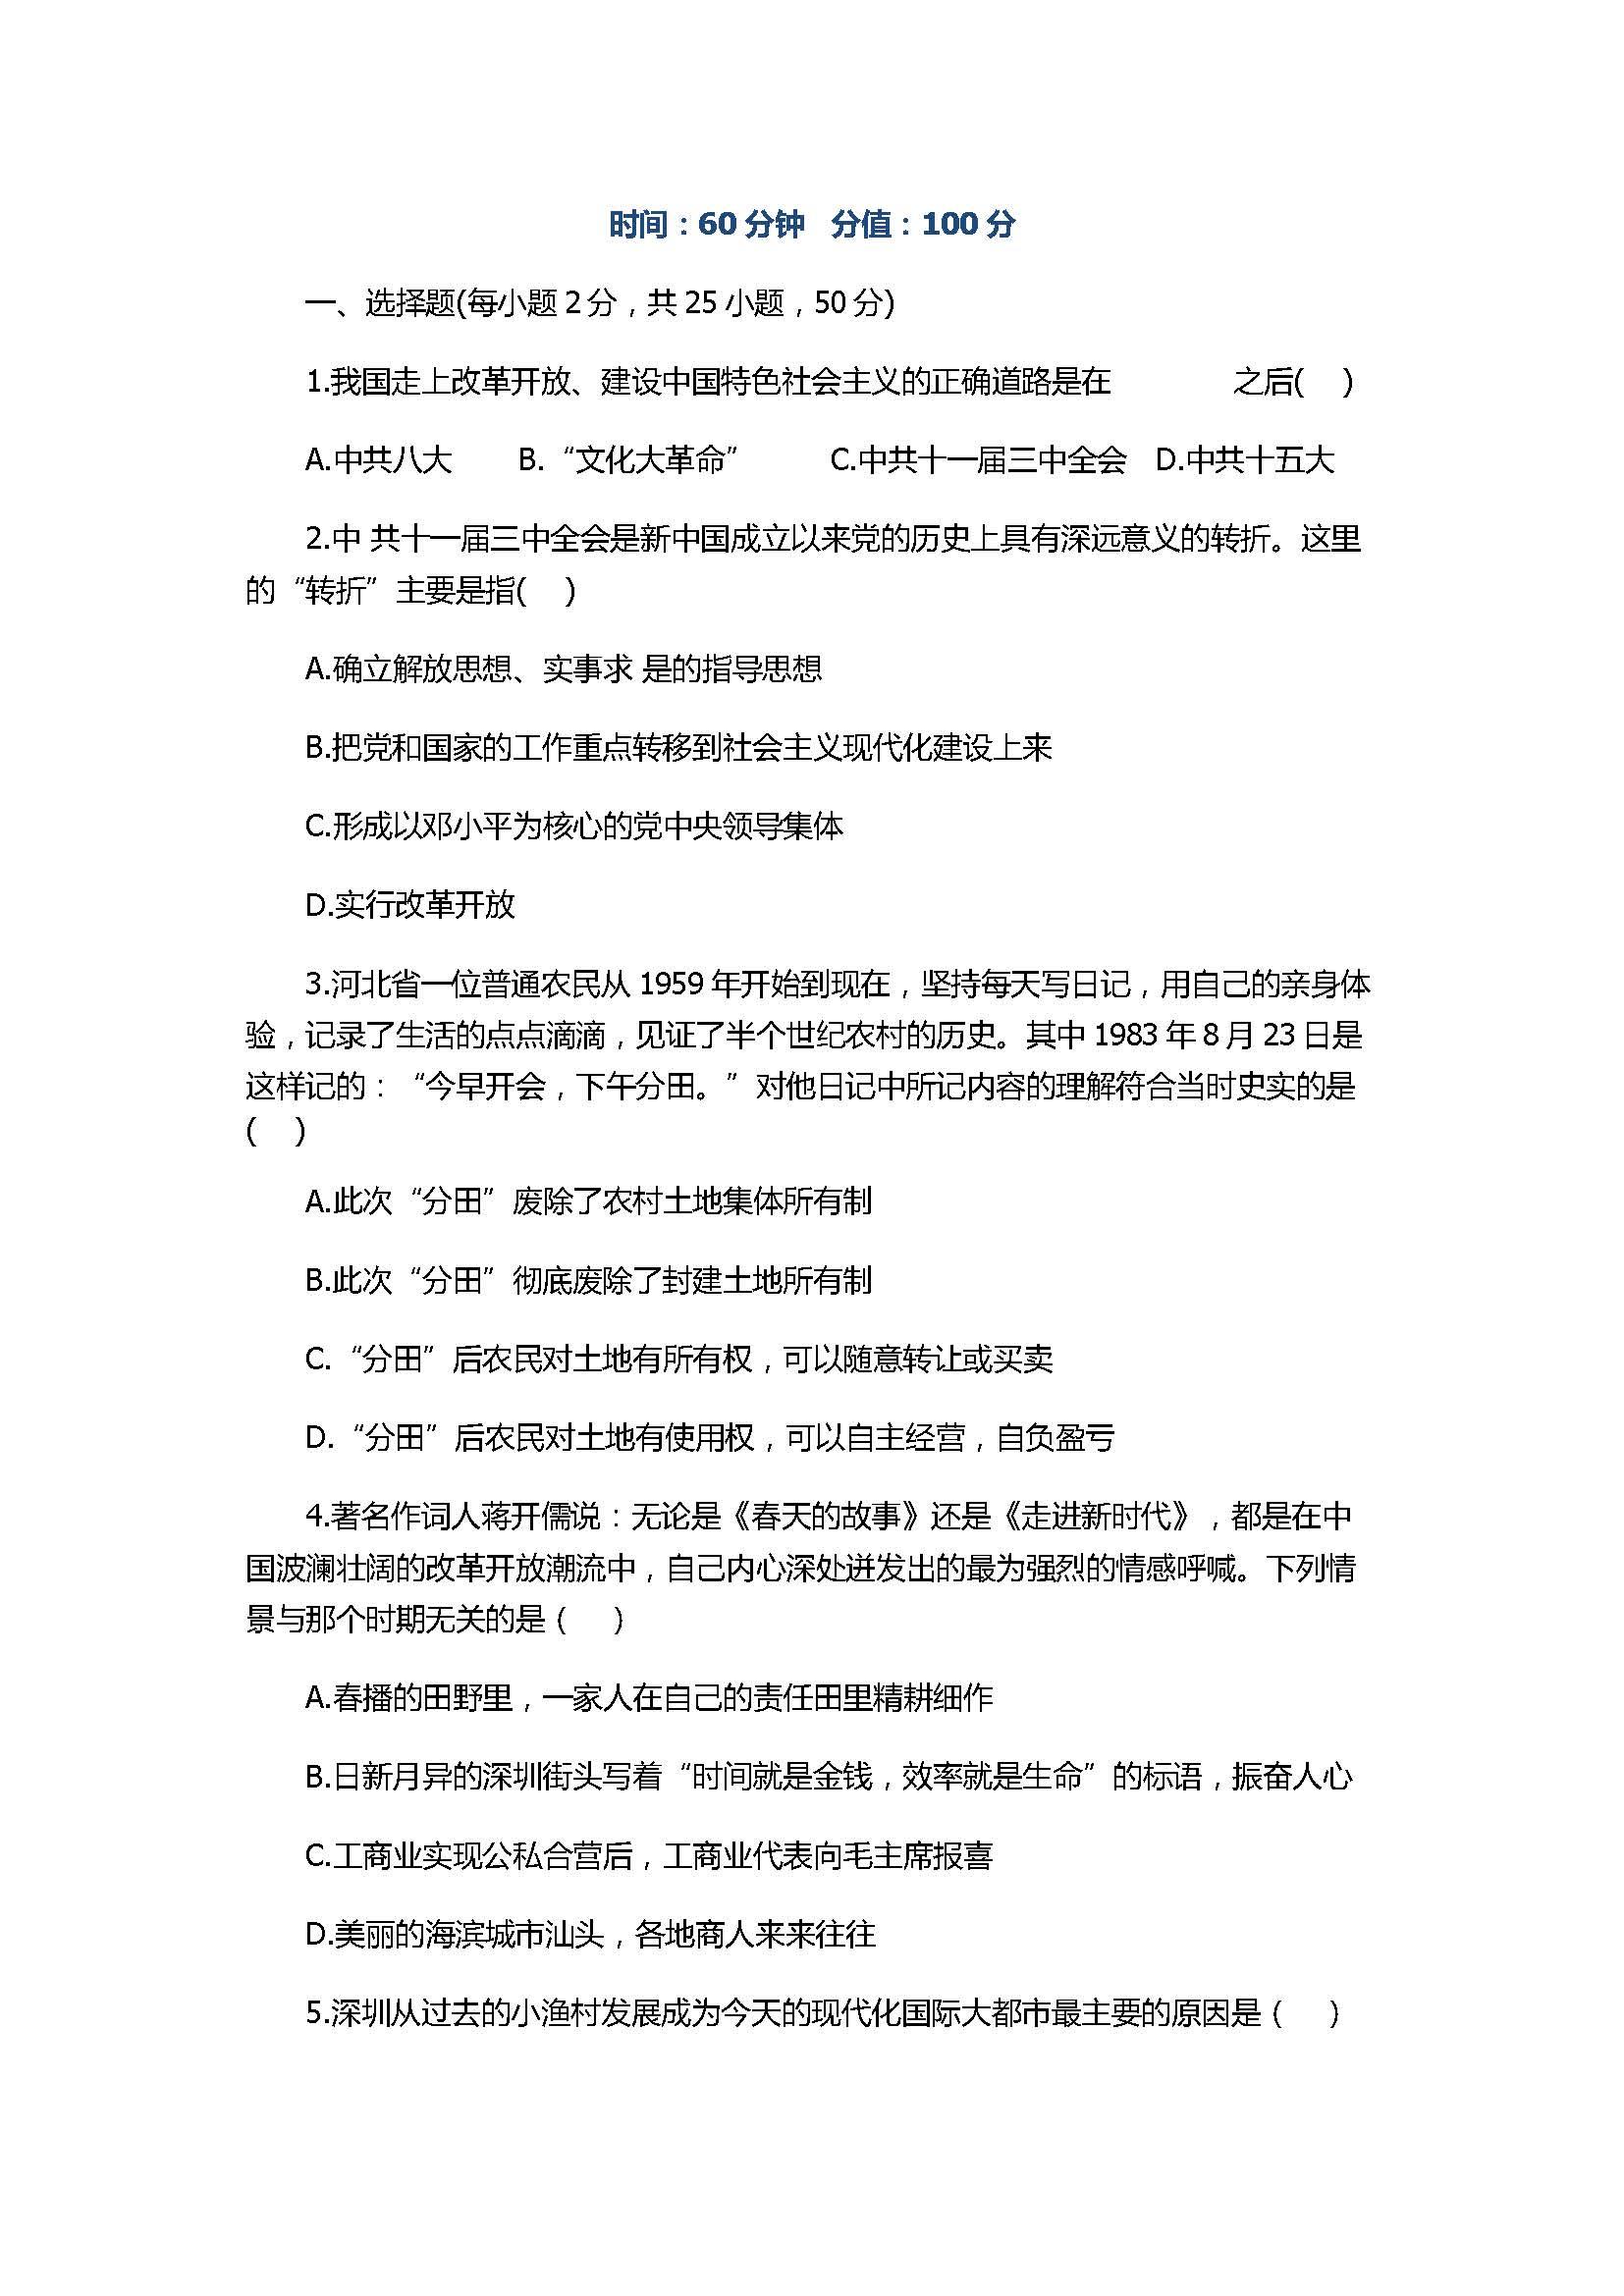 2017八年级下册历史《建设中国特色社会主义》单元试题含详解